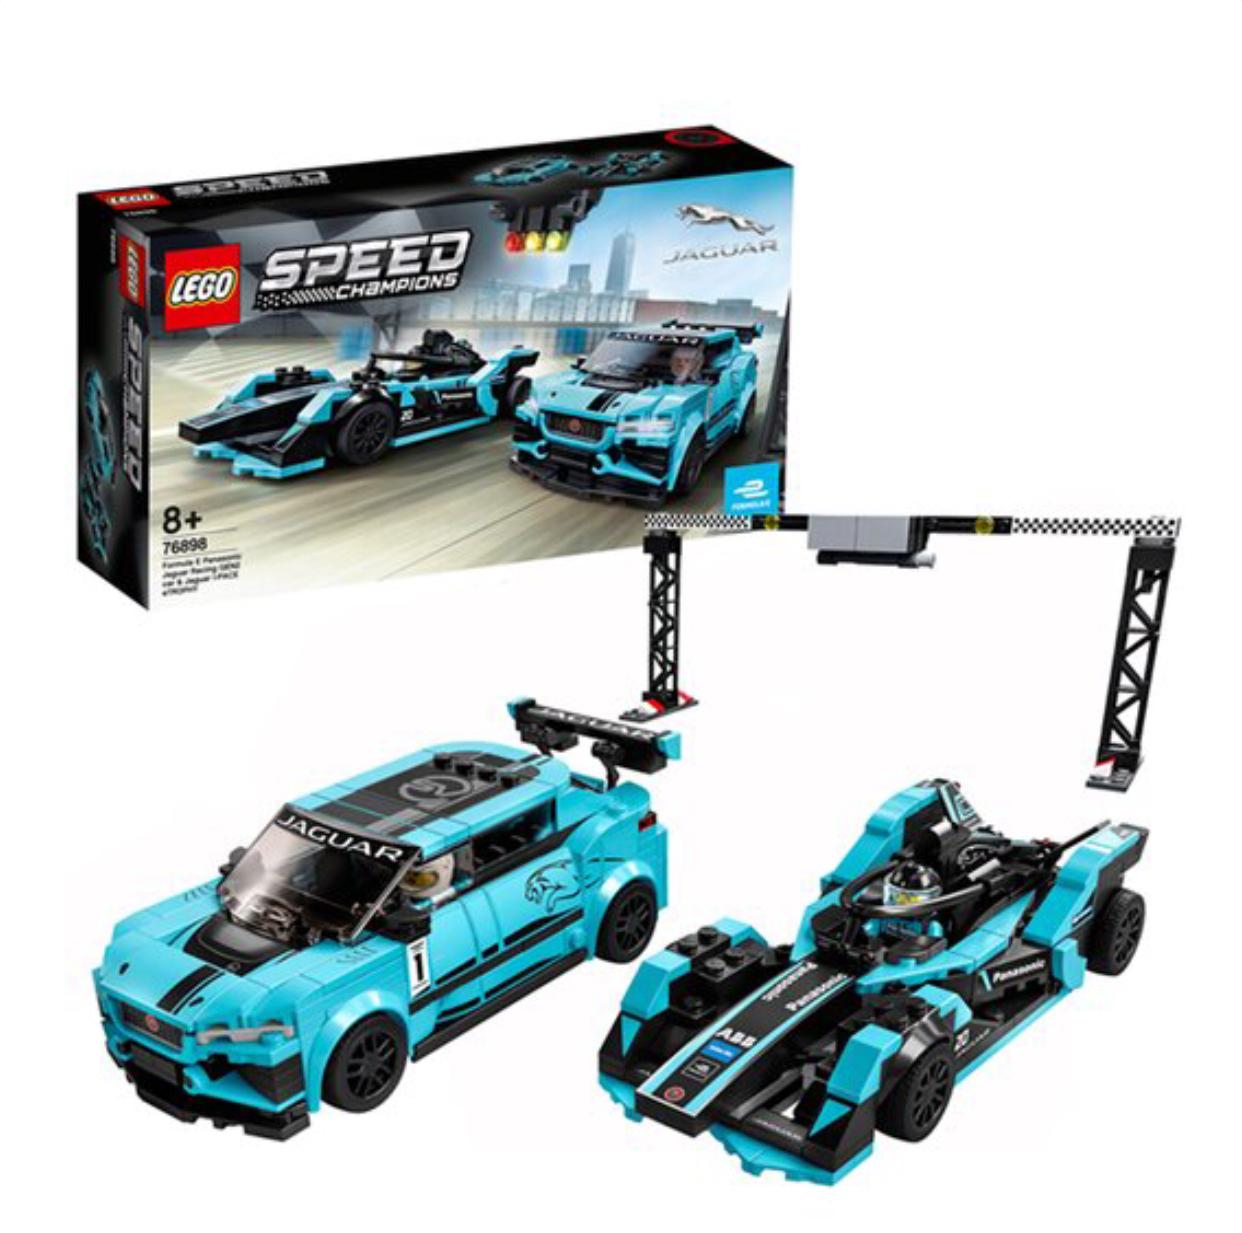 LEGO Speed Champions Jaguar Racing Set 76898 £25.25 at Tesco